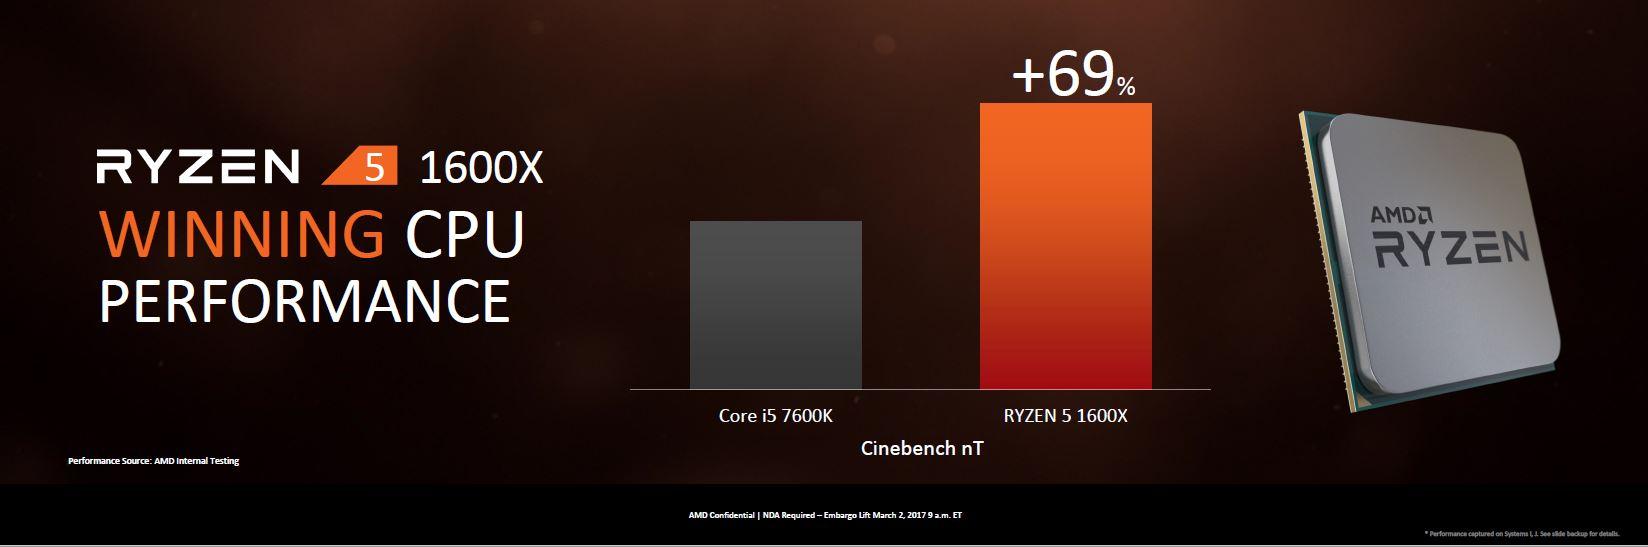 RYZEN AMD ZEN